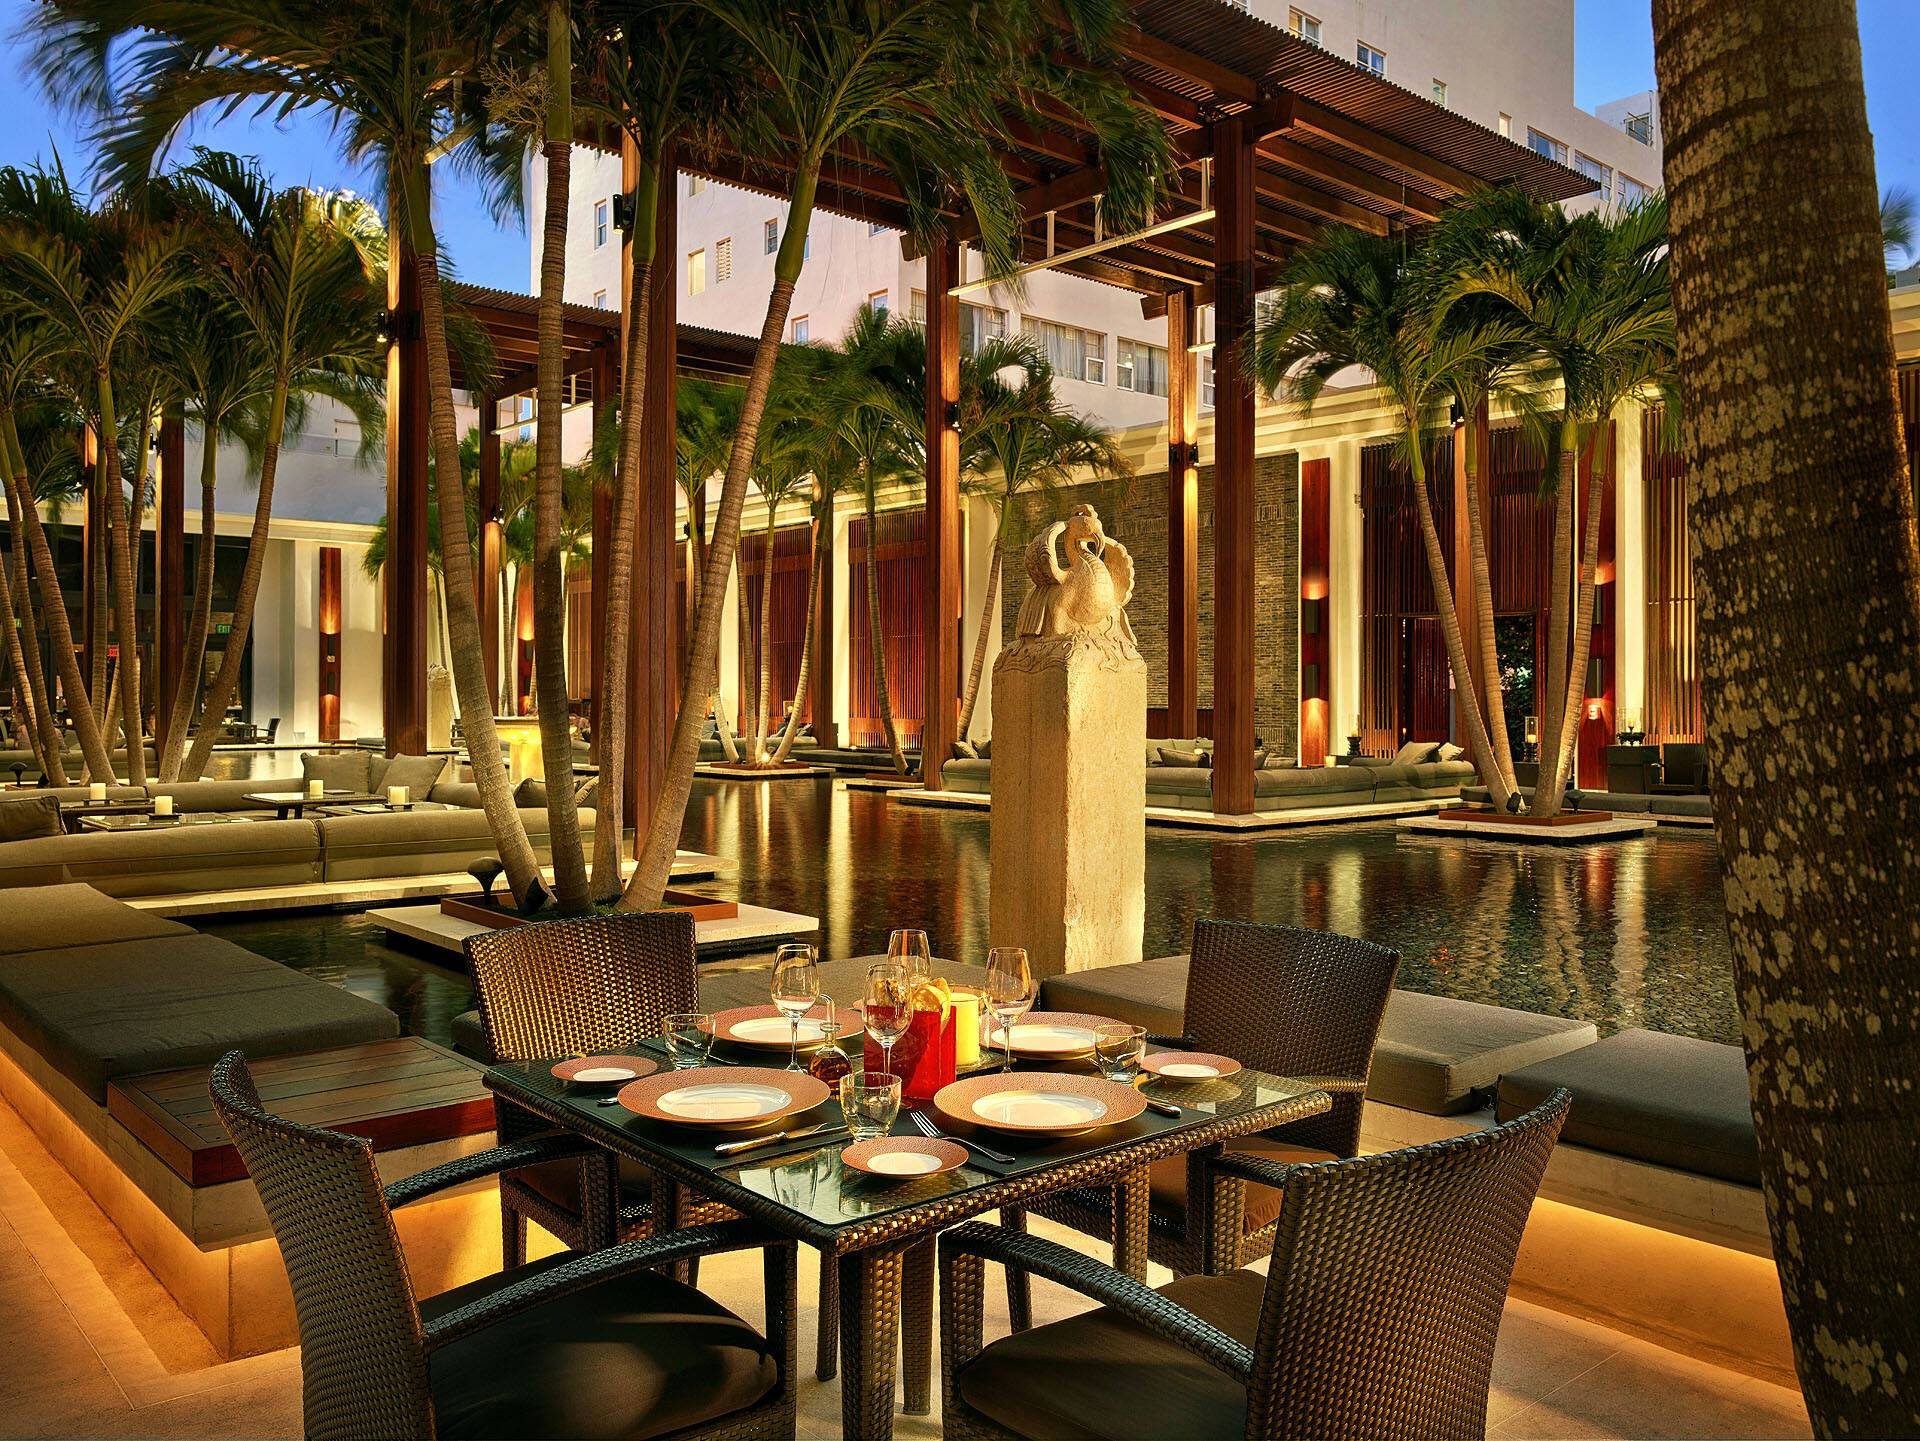 Setai Miami Restaurant Courtyard